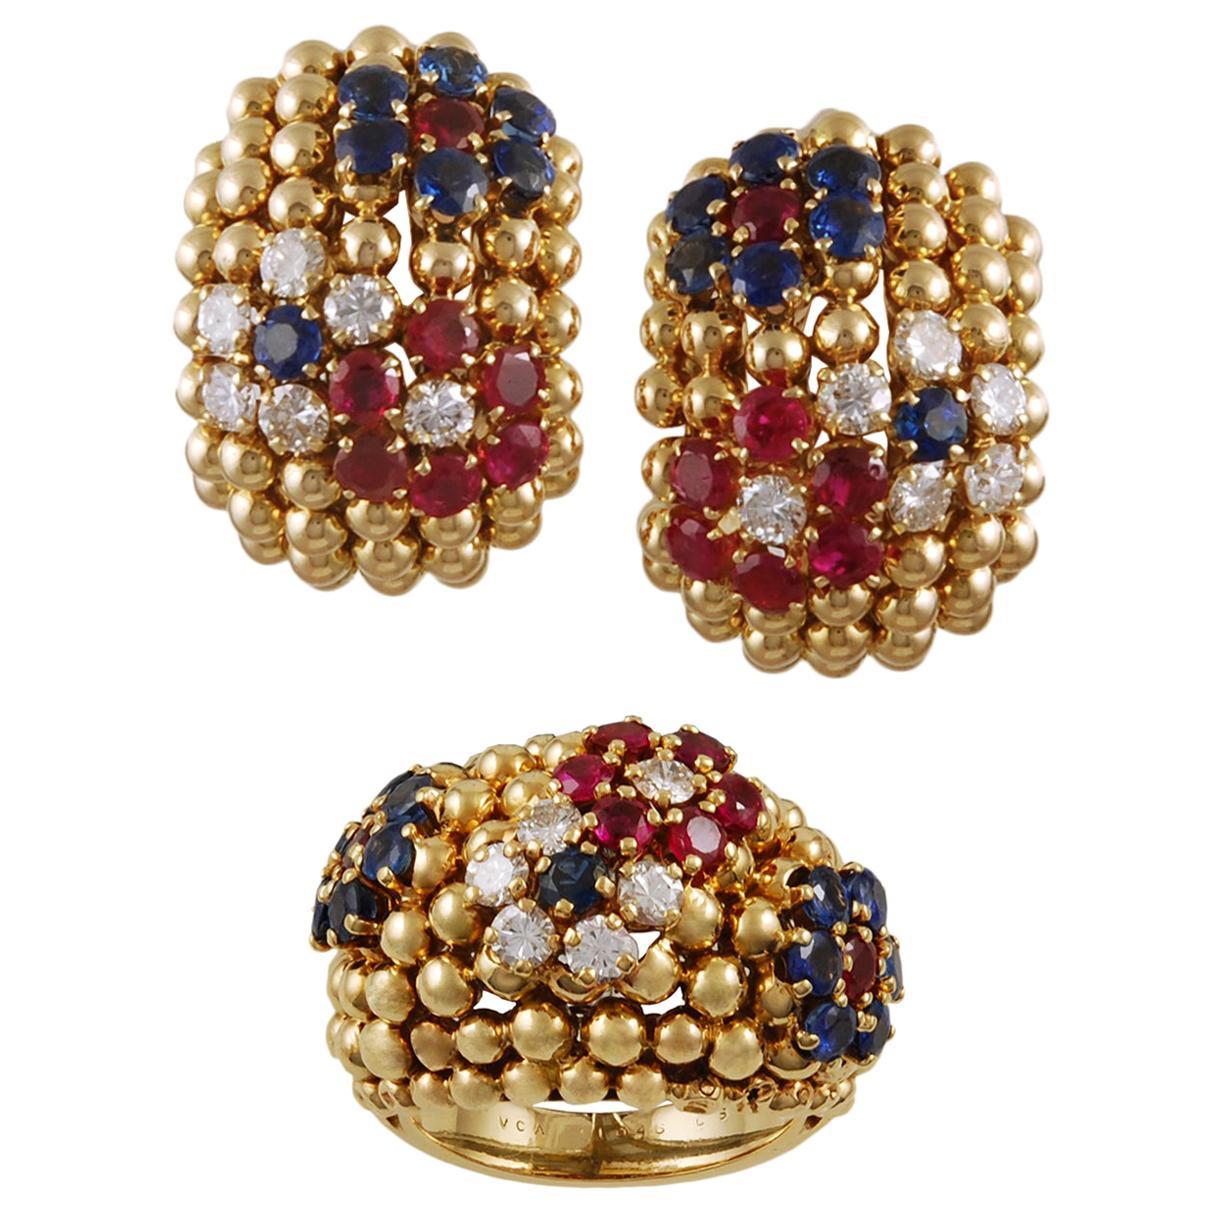 Van Cleef & Arpels Bagatelle Bombe Ring Earrings Suite